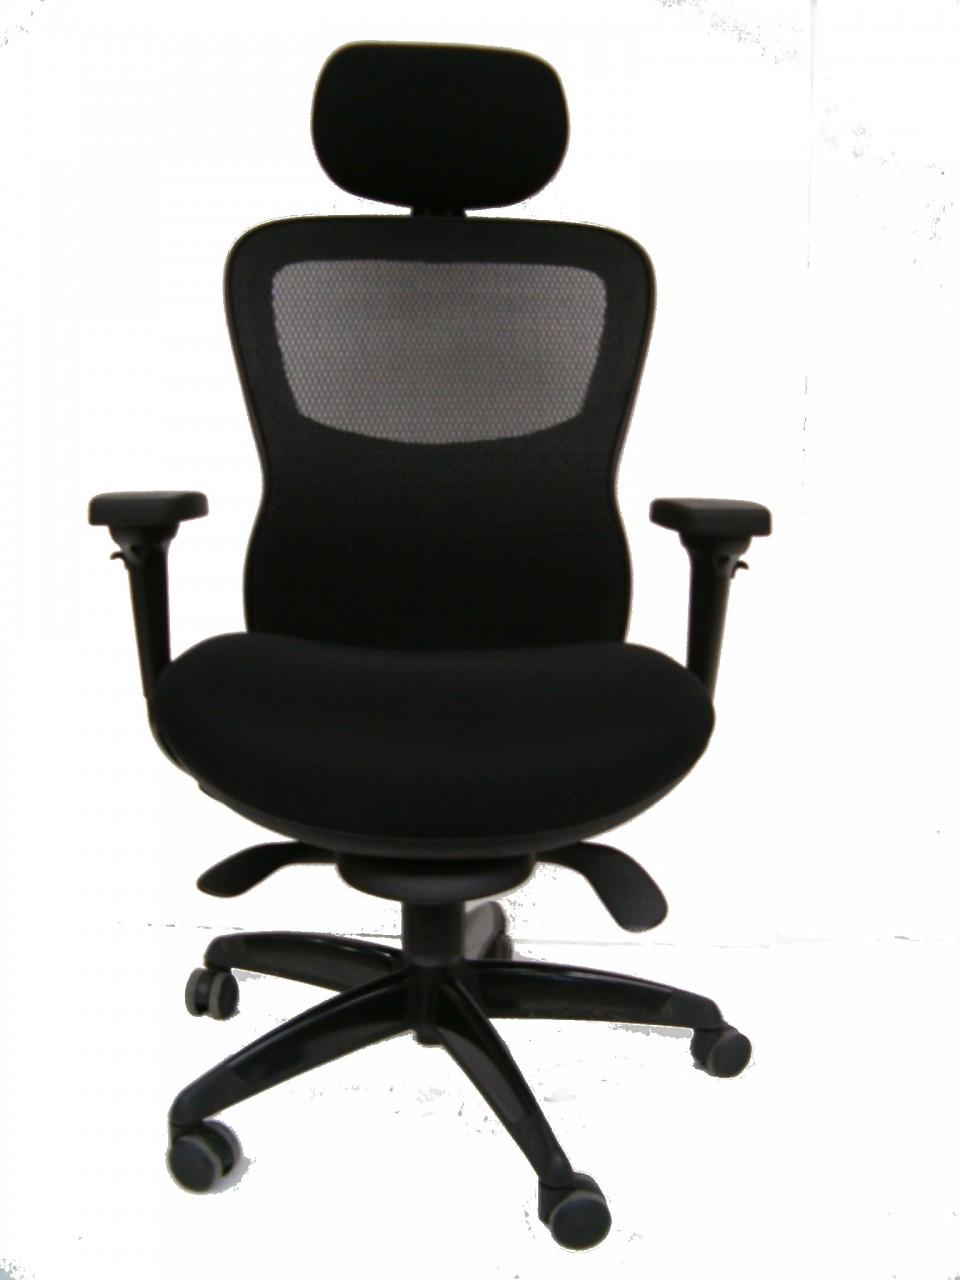 Fauteuil de bureau ergonomique athos achat si ges - Housse pour fauteuil bureau ...